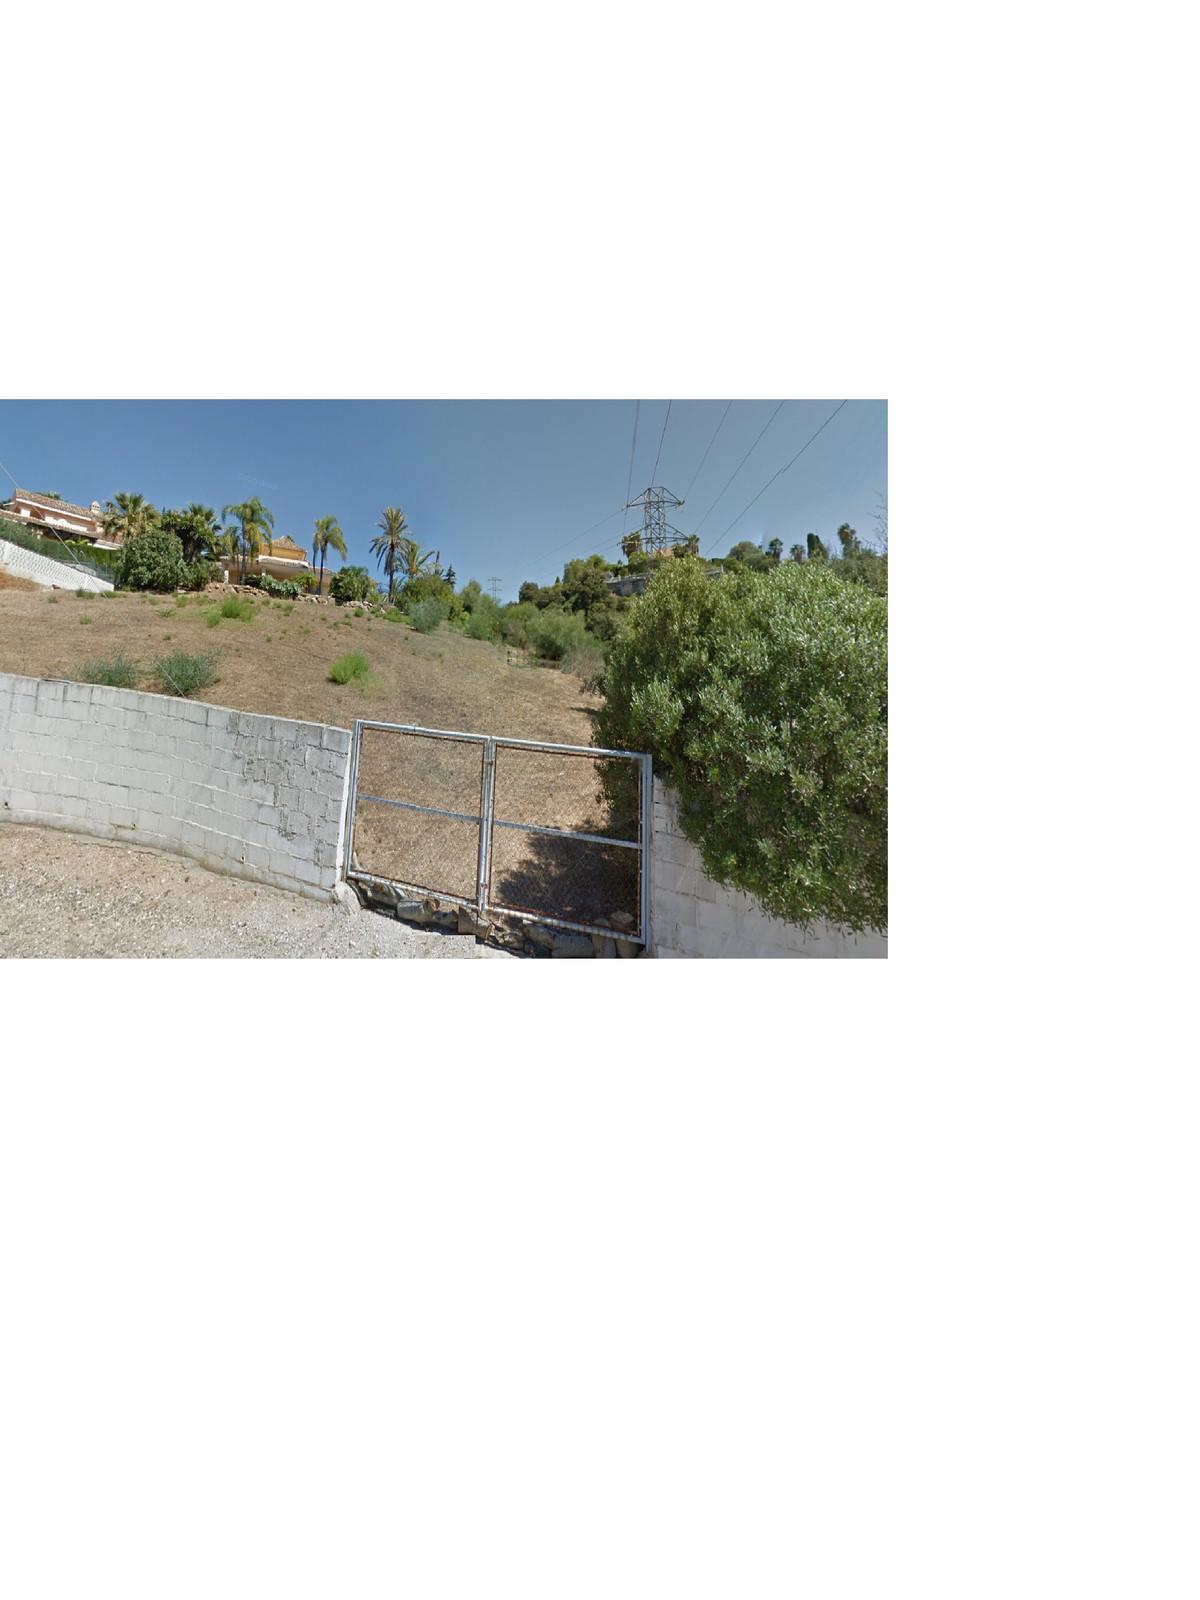 Residential Plot for sale in Elviria - Marbella East Residential Plot - TMRO-R2977253